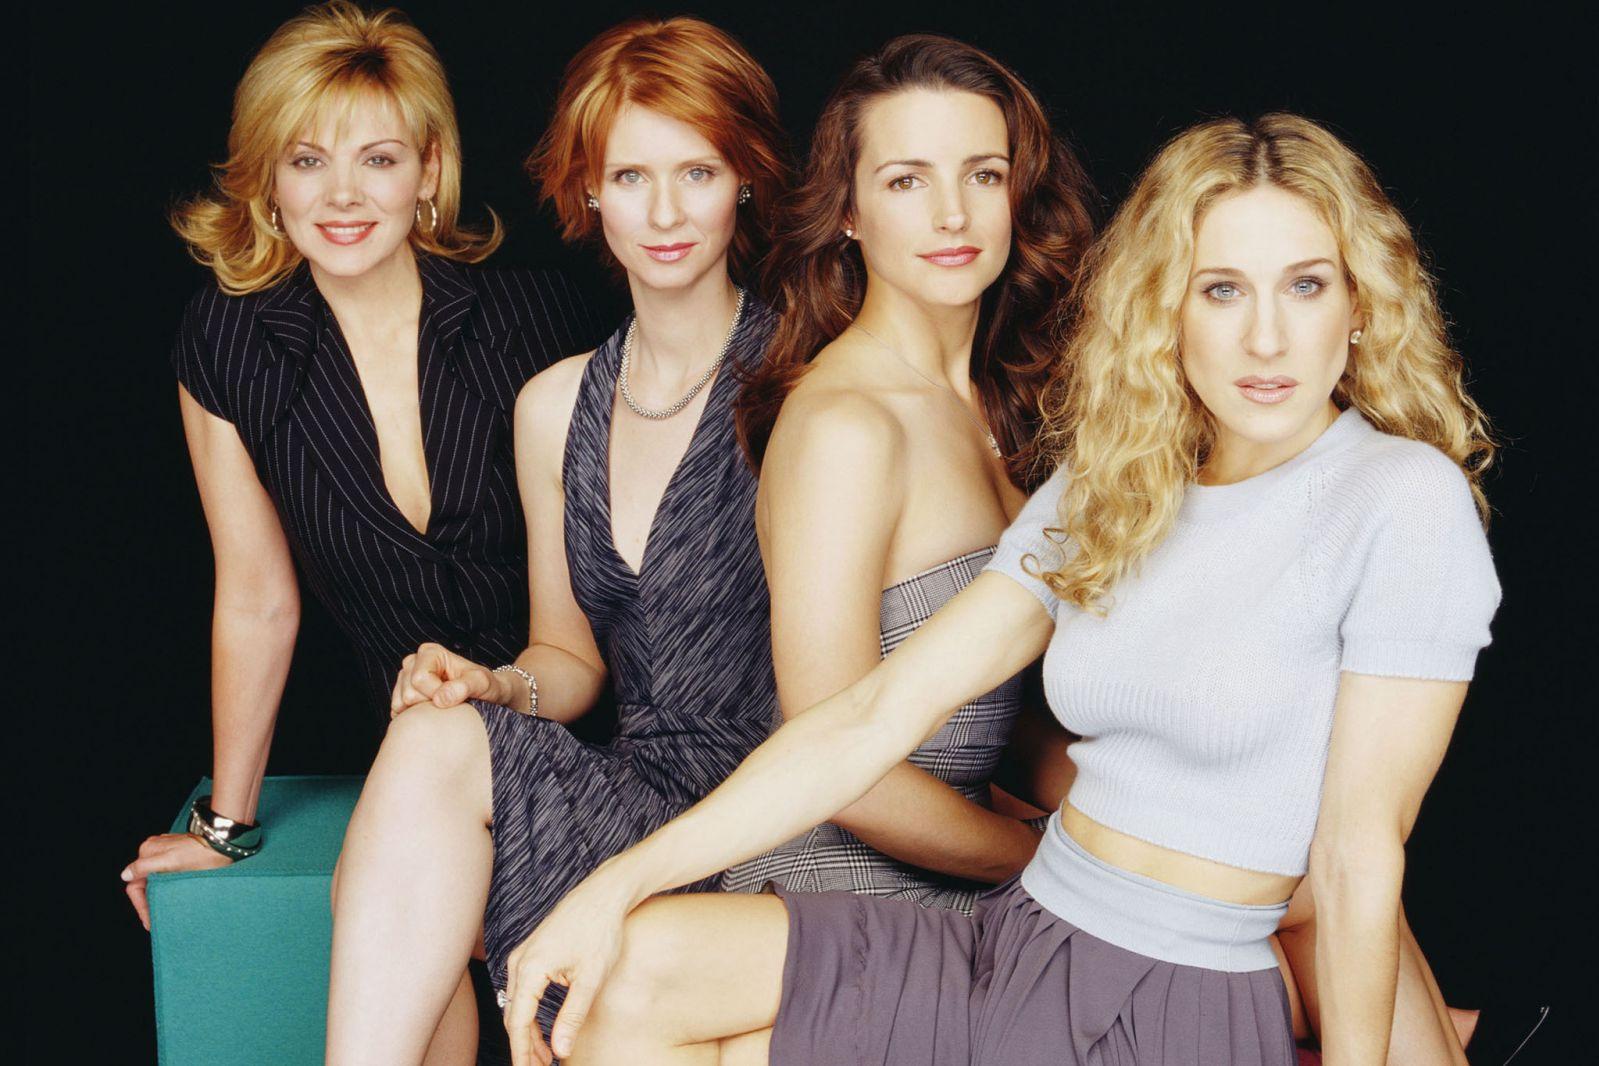 секс в большом городе сериал смотреть онлайн